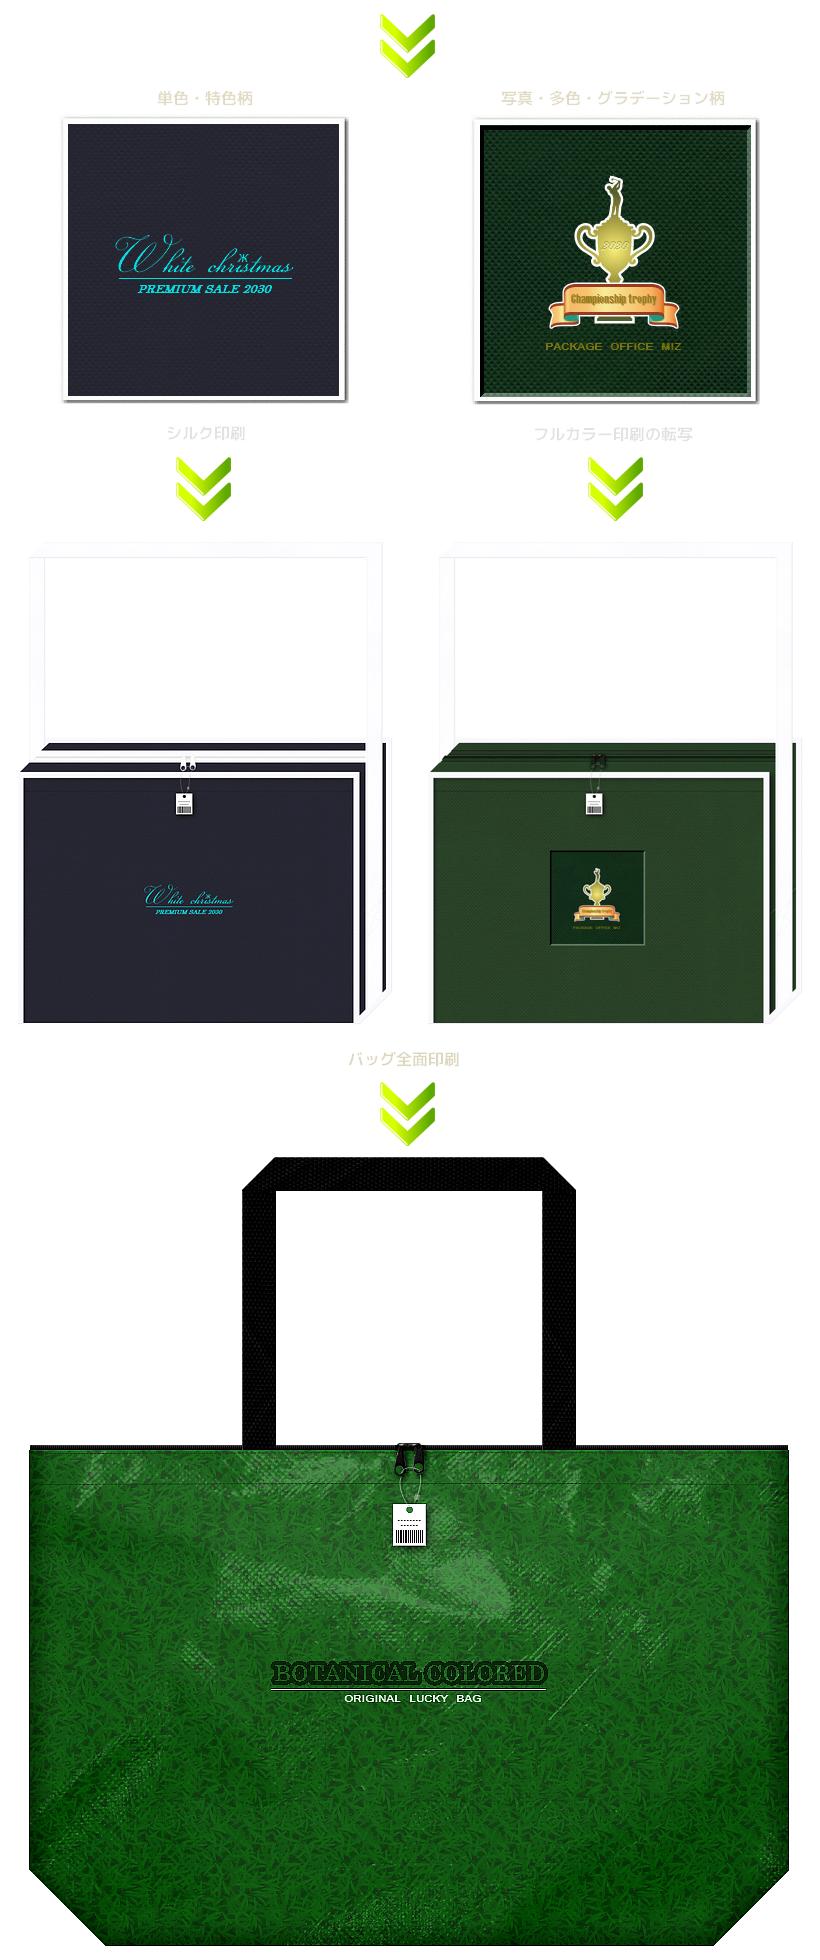 不織布福袋の印刷方法:シルク印刷とフルカラー転写、全面印刷の3種類よりお選びいただけます。